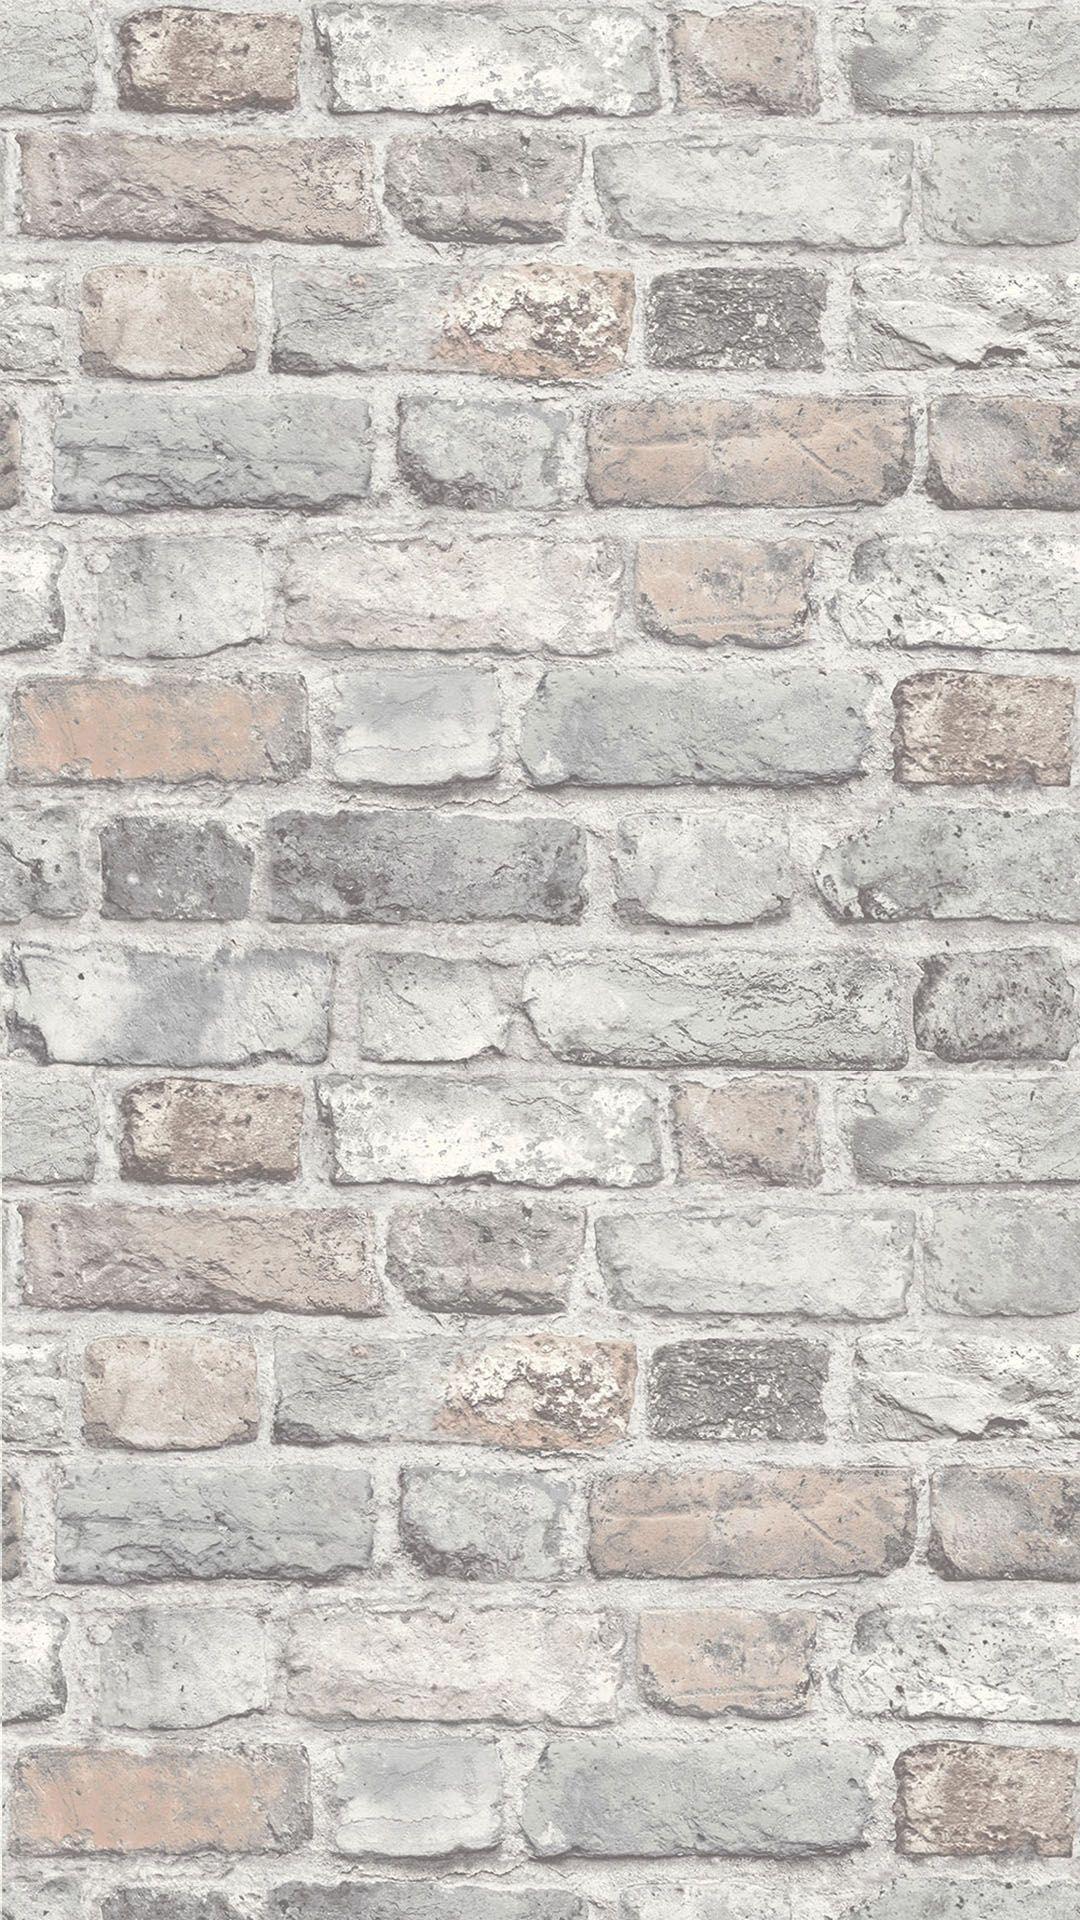 Brick Wallpaper Hupages Download Iphone Wallpapers Brick Wallpaper Bedroom Brick Wallpaper Wallpaper Bedroom